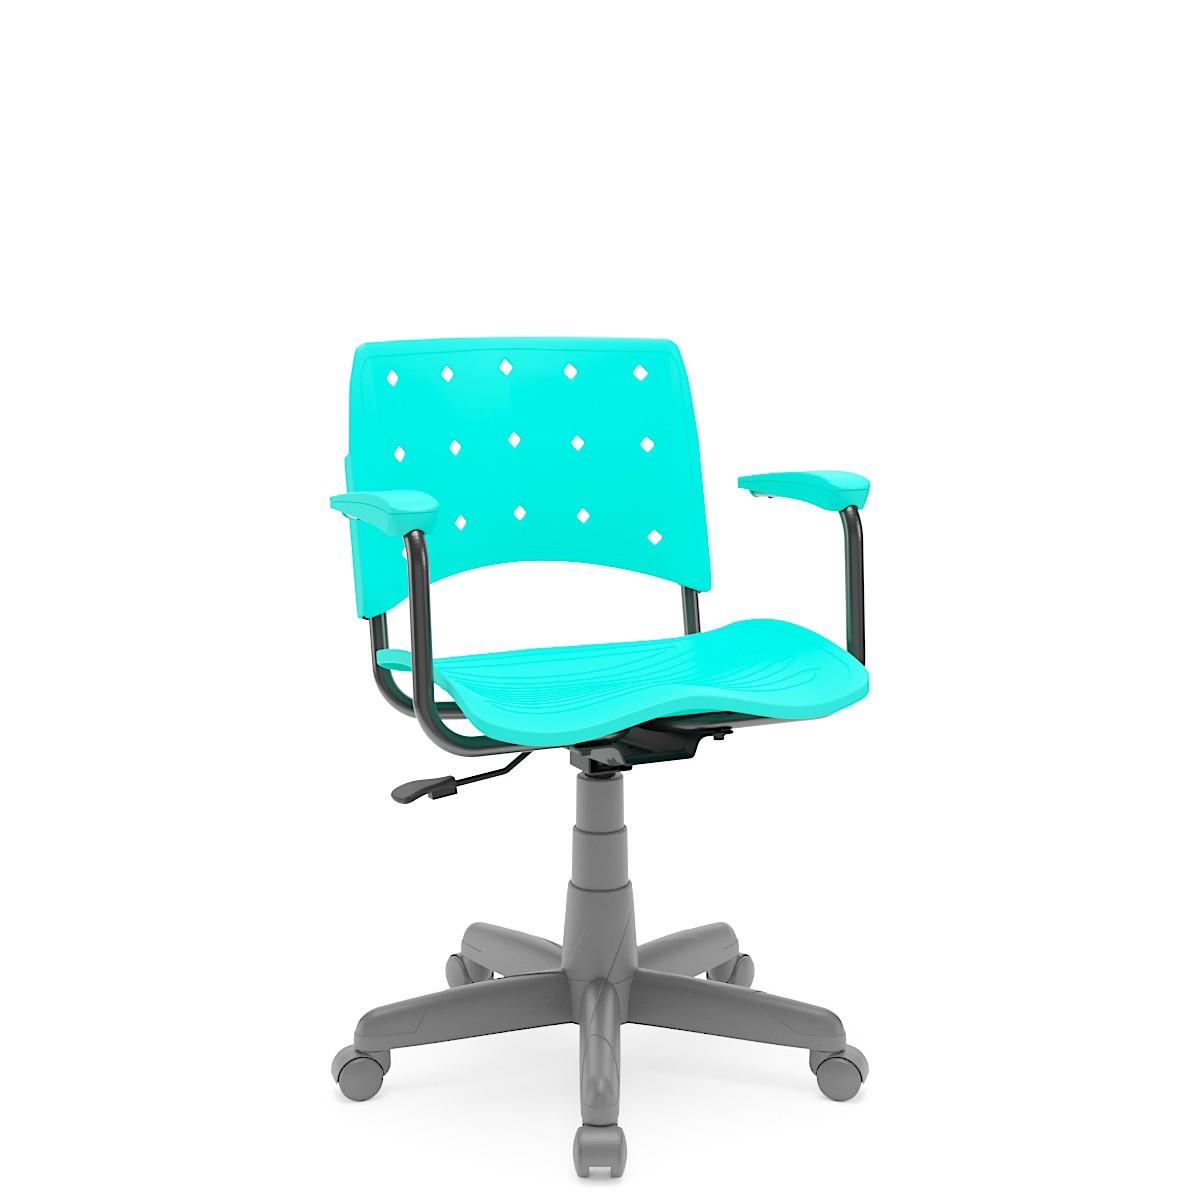 Cadeira Giratória Ergoplax Estrutura Cinza com braço Acqua Marine Plaxmetal